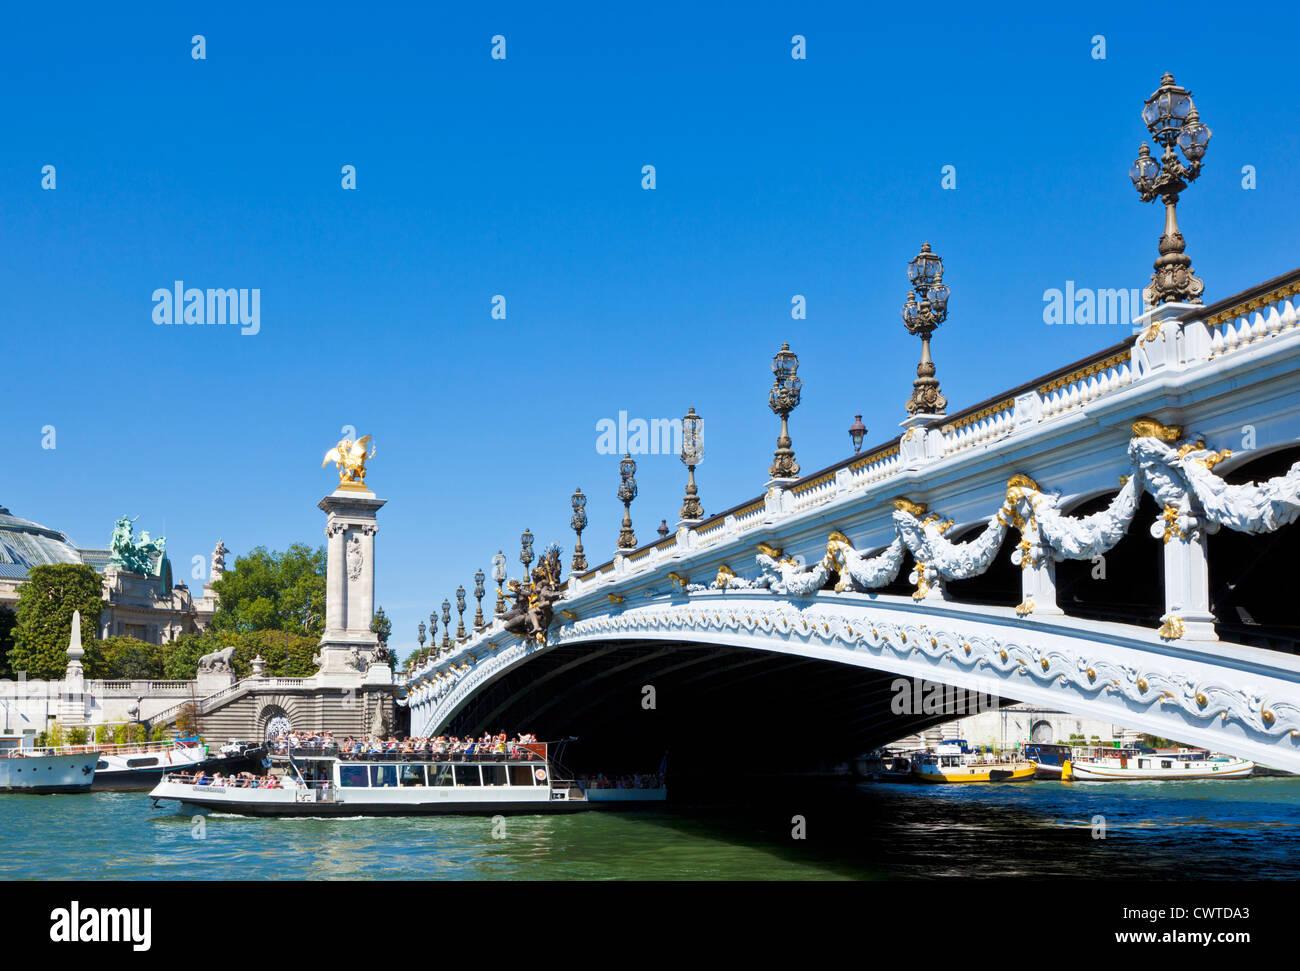 Crociera sul Fiume Senna barca Bateaux Mouches sotto il Pont Alexandre III (ponte), Parigi, Francia, Europa Immagini Stock